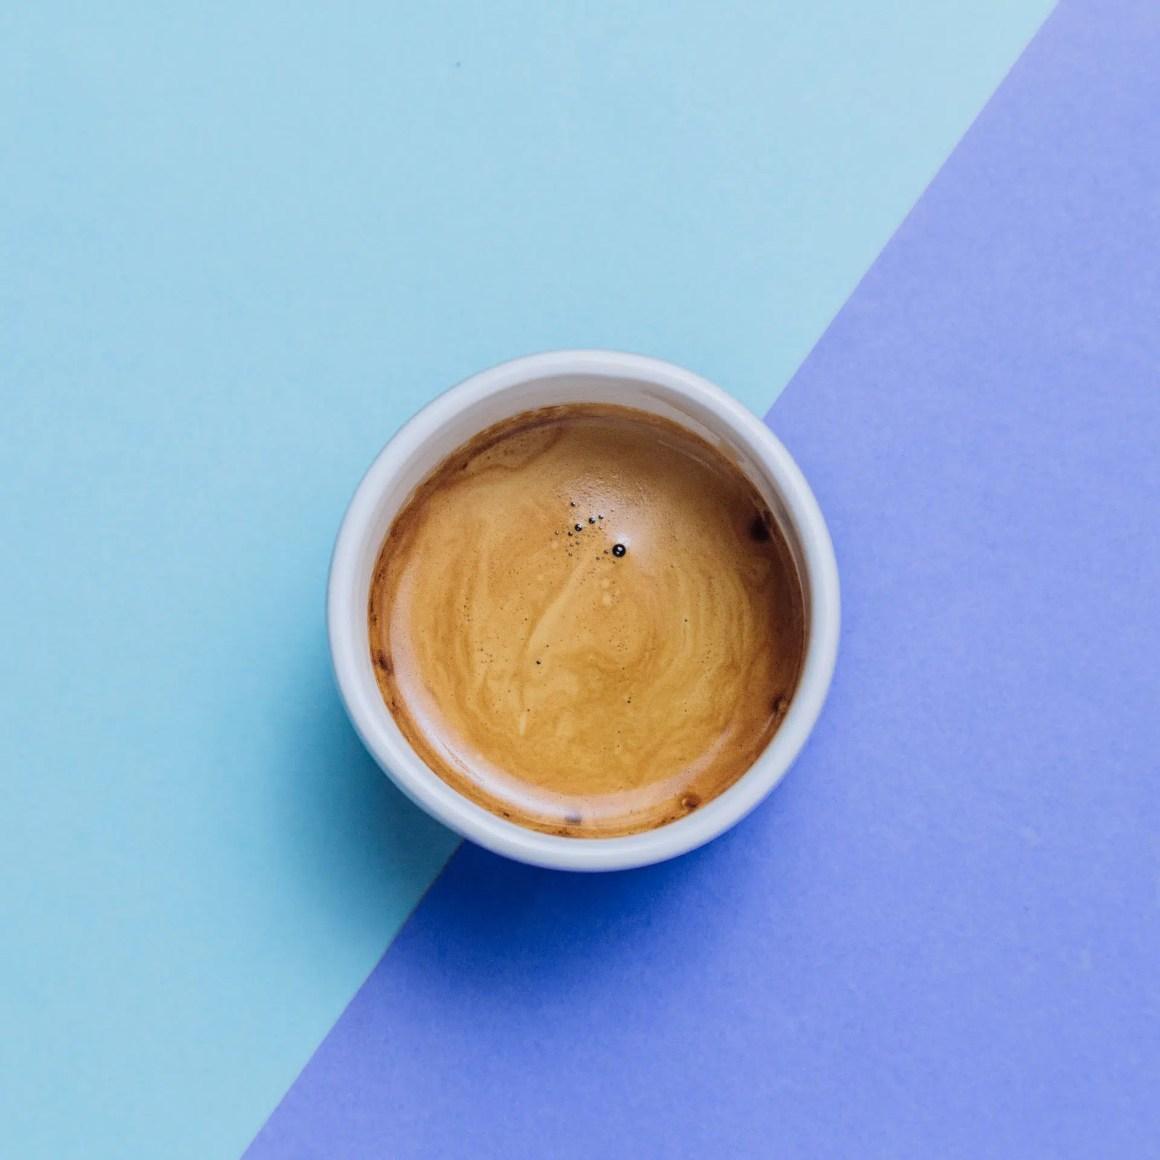 Espresso Shot for La Marzocco Espresso Subscription